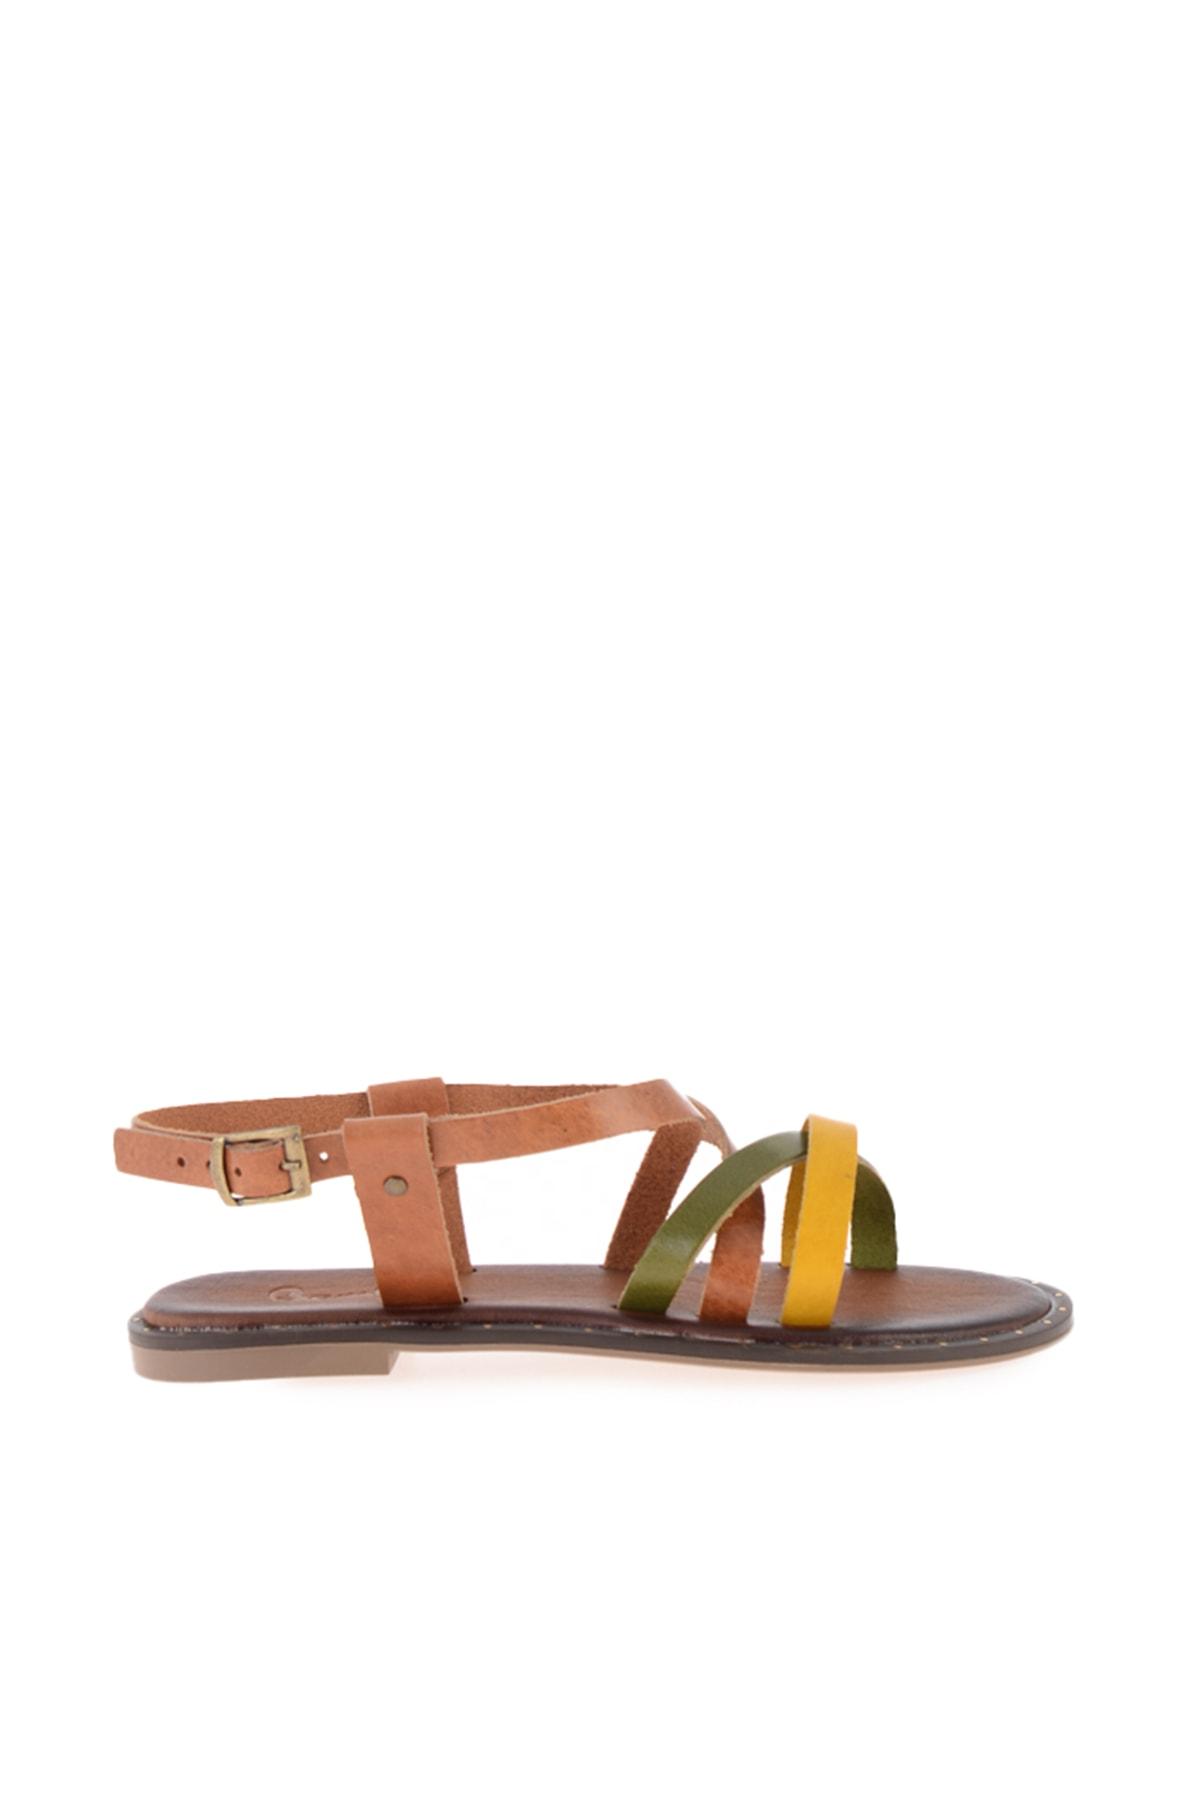 Bambi Sarı/yeşil/taba Kadın Sandalet L0685081303 2